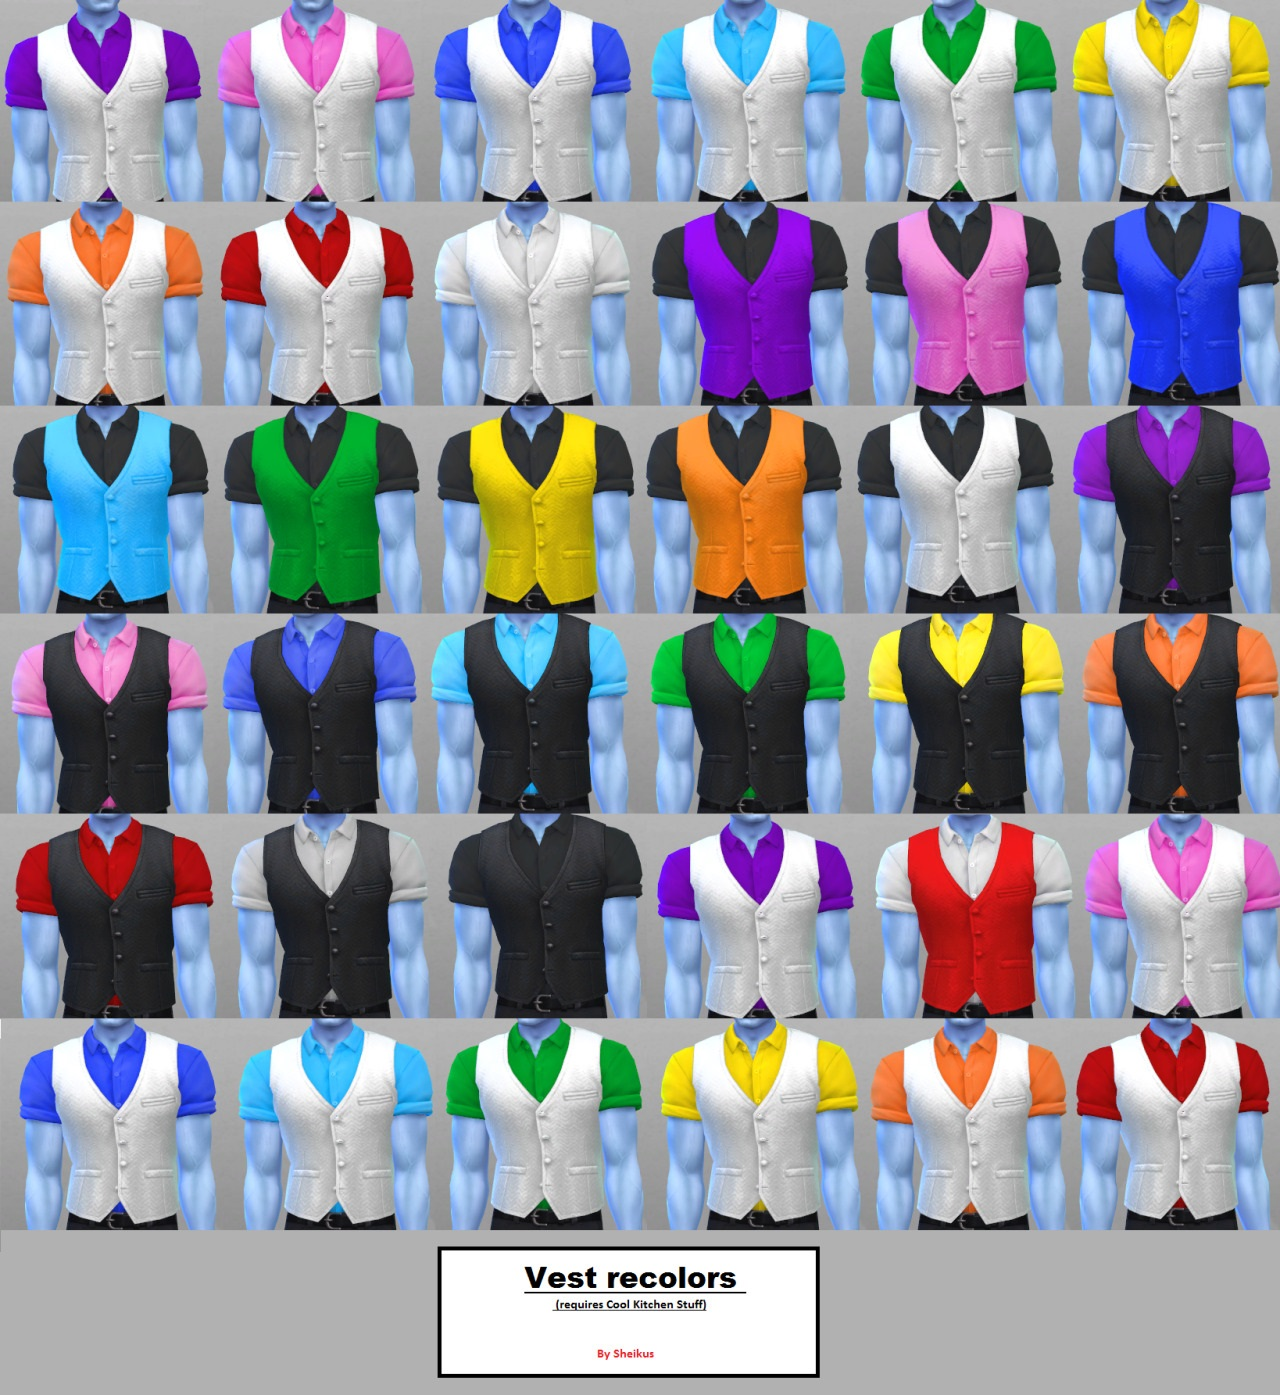 Cool Kitchen Stuff: Male Vest Recolors